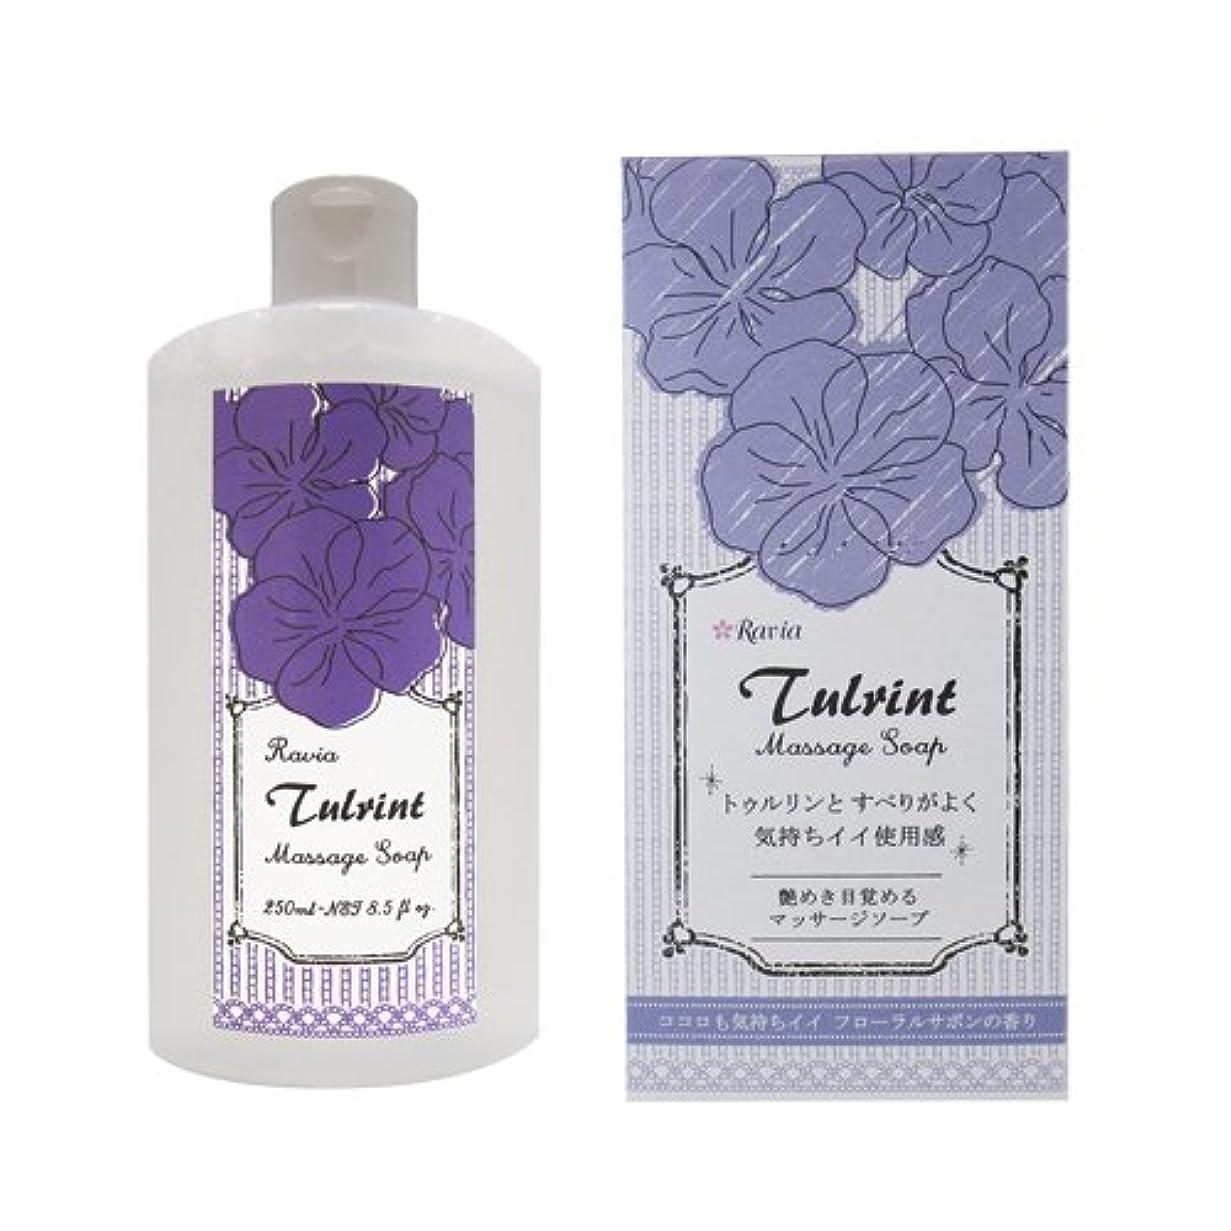 学部長方法論改修【マッサージソープ】ラヴィア(Ravia) トゥルリント マッサージソープ(Tulrint Massage soap) 250ml フローラルサボンの香り